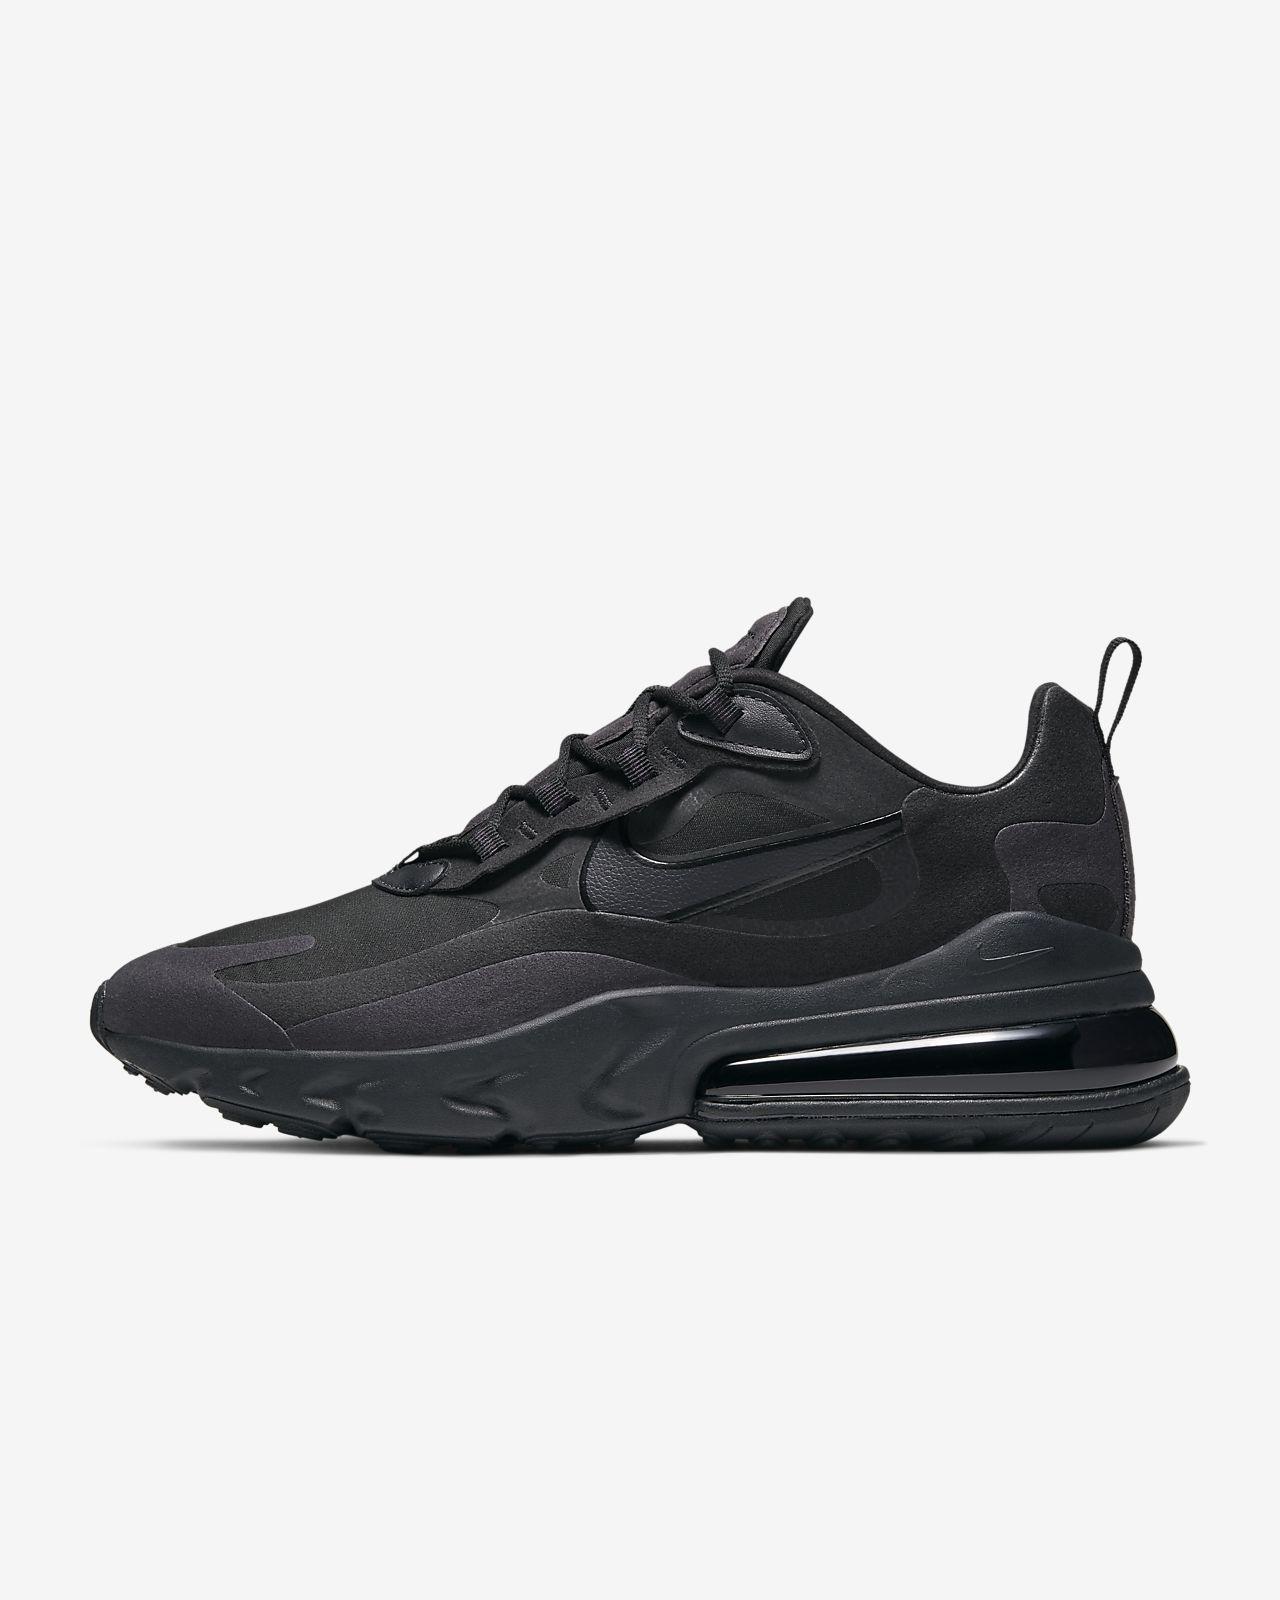 Nike Air Max 90 Sneaker weißmint Schuhe & Handtaschen on